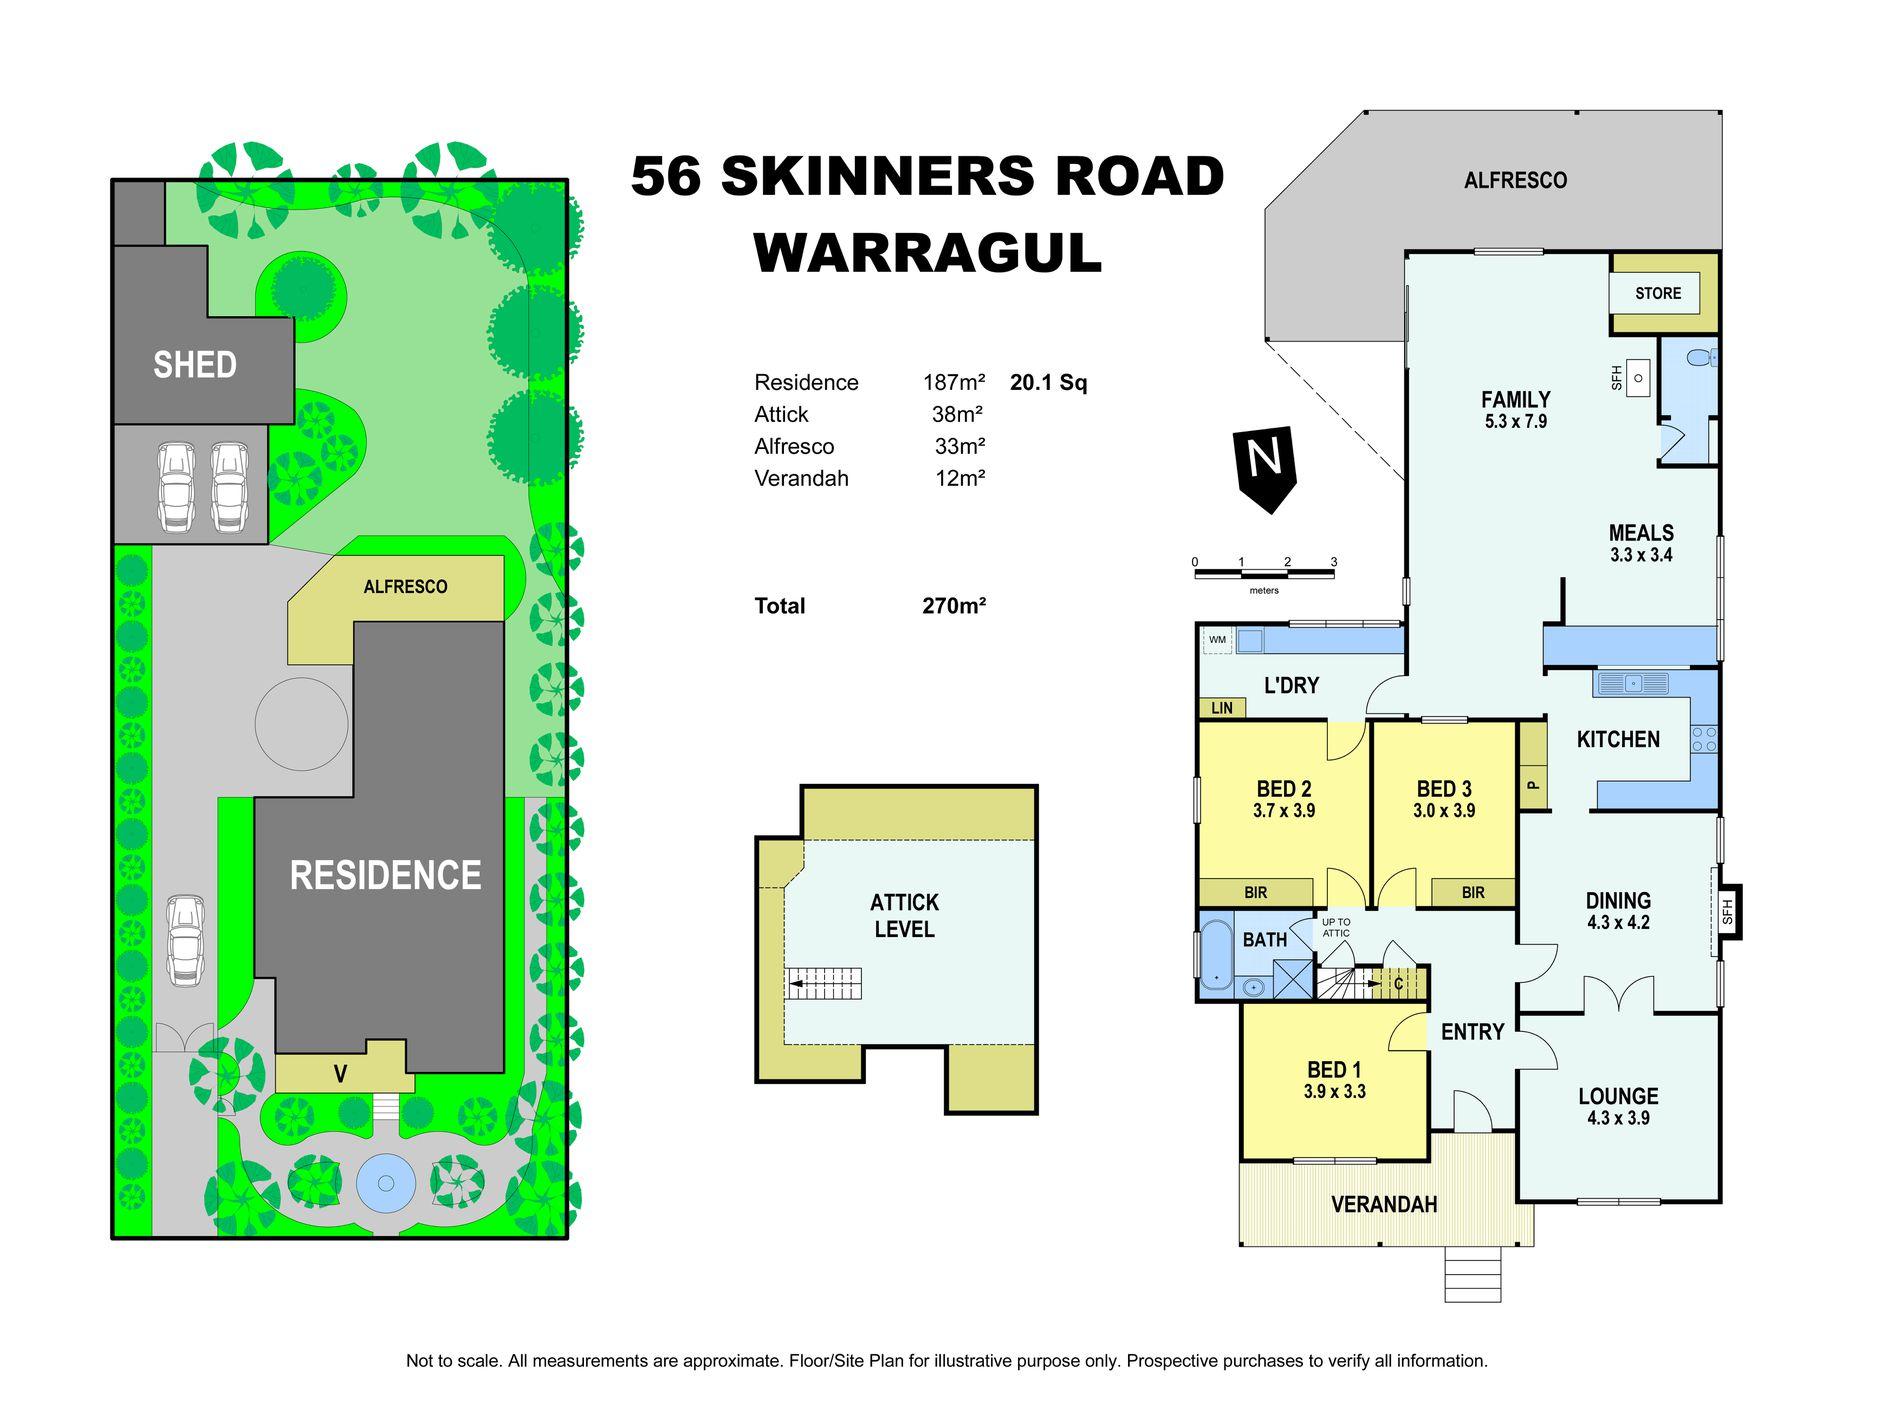 56 Skinners Road, Warragul